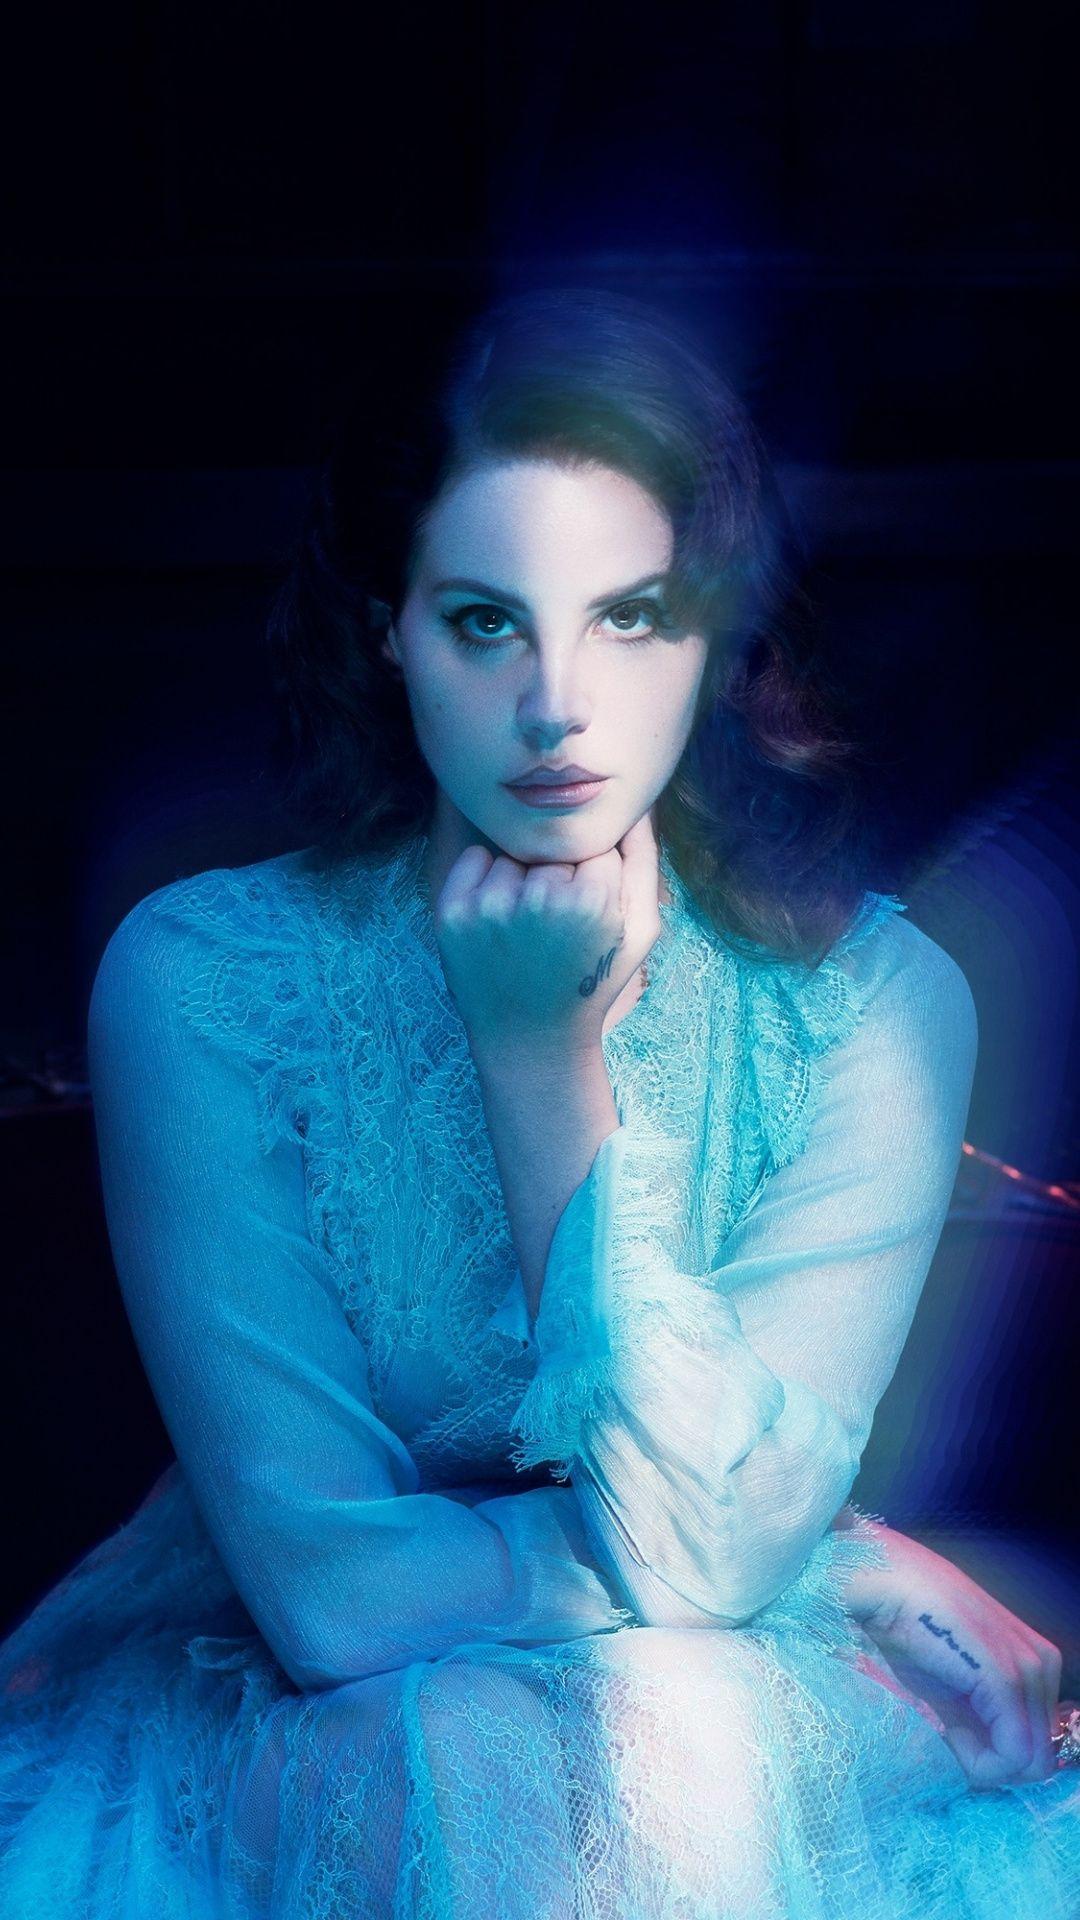 Celebrity Photoshooot Lana Del Rey Complex 1080x1920 Wallpaper